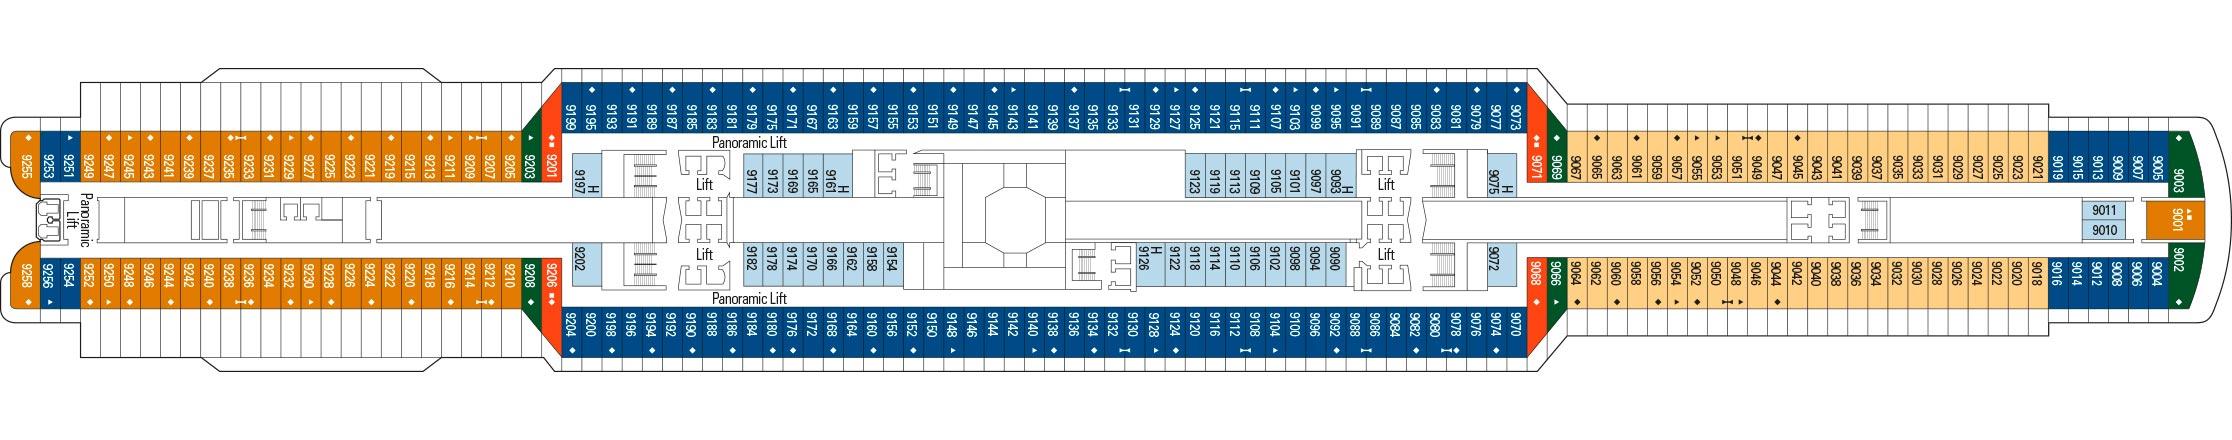 MSC Cruises MSC Seaside Deck 9.jpg